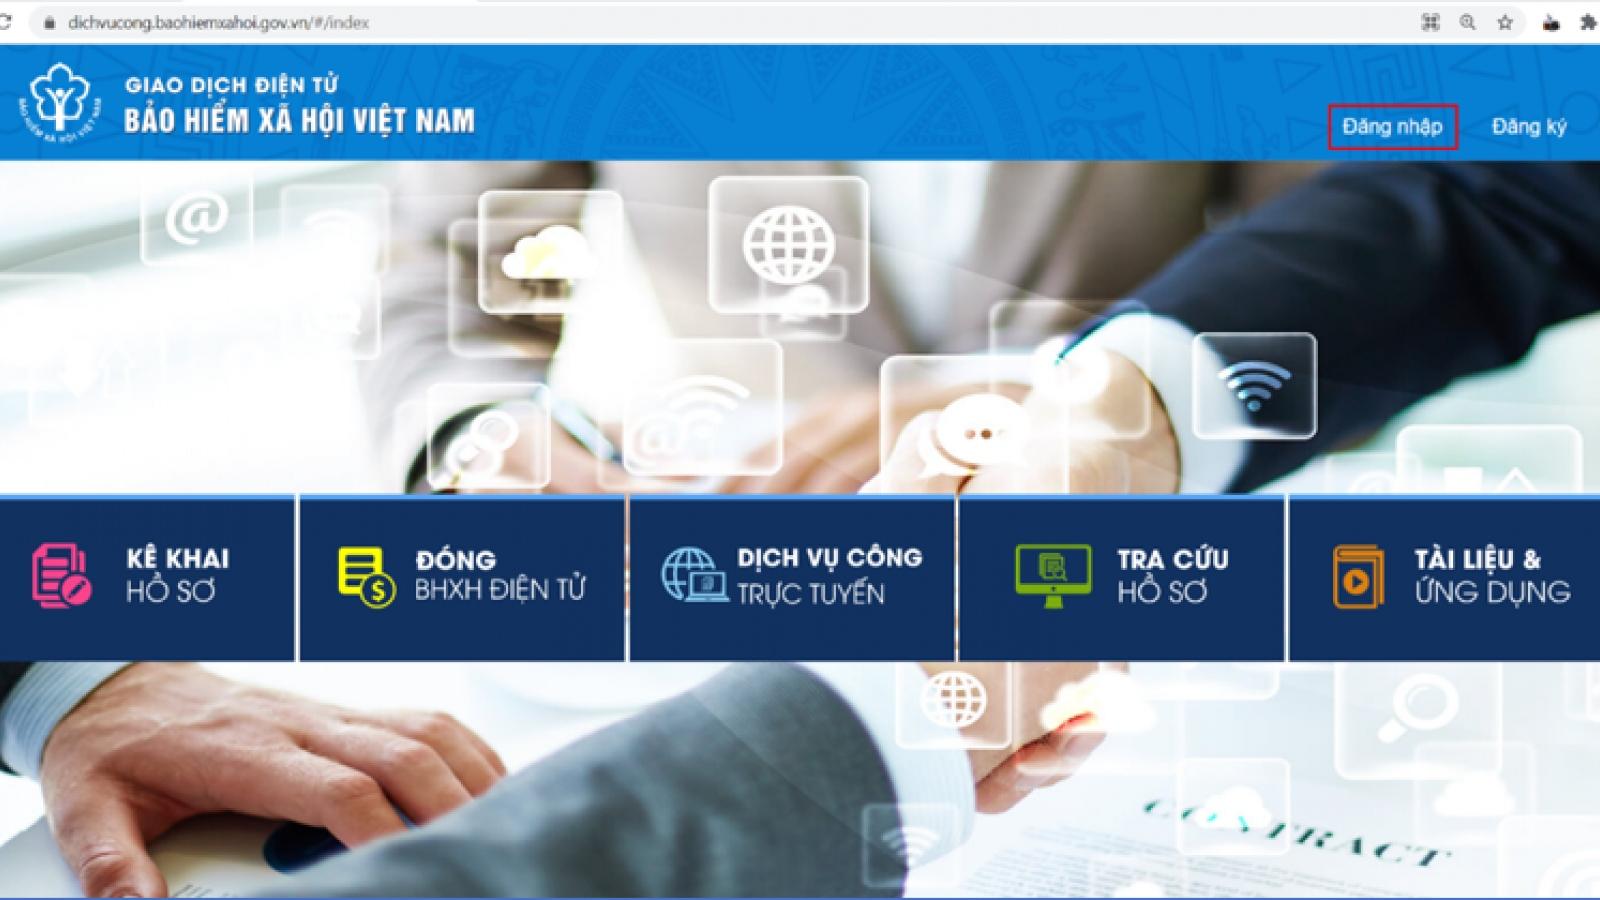 Người dân có thể thay đổi thông tin cá nhân với cơ quan BHXH qua khai báo trực tuyến